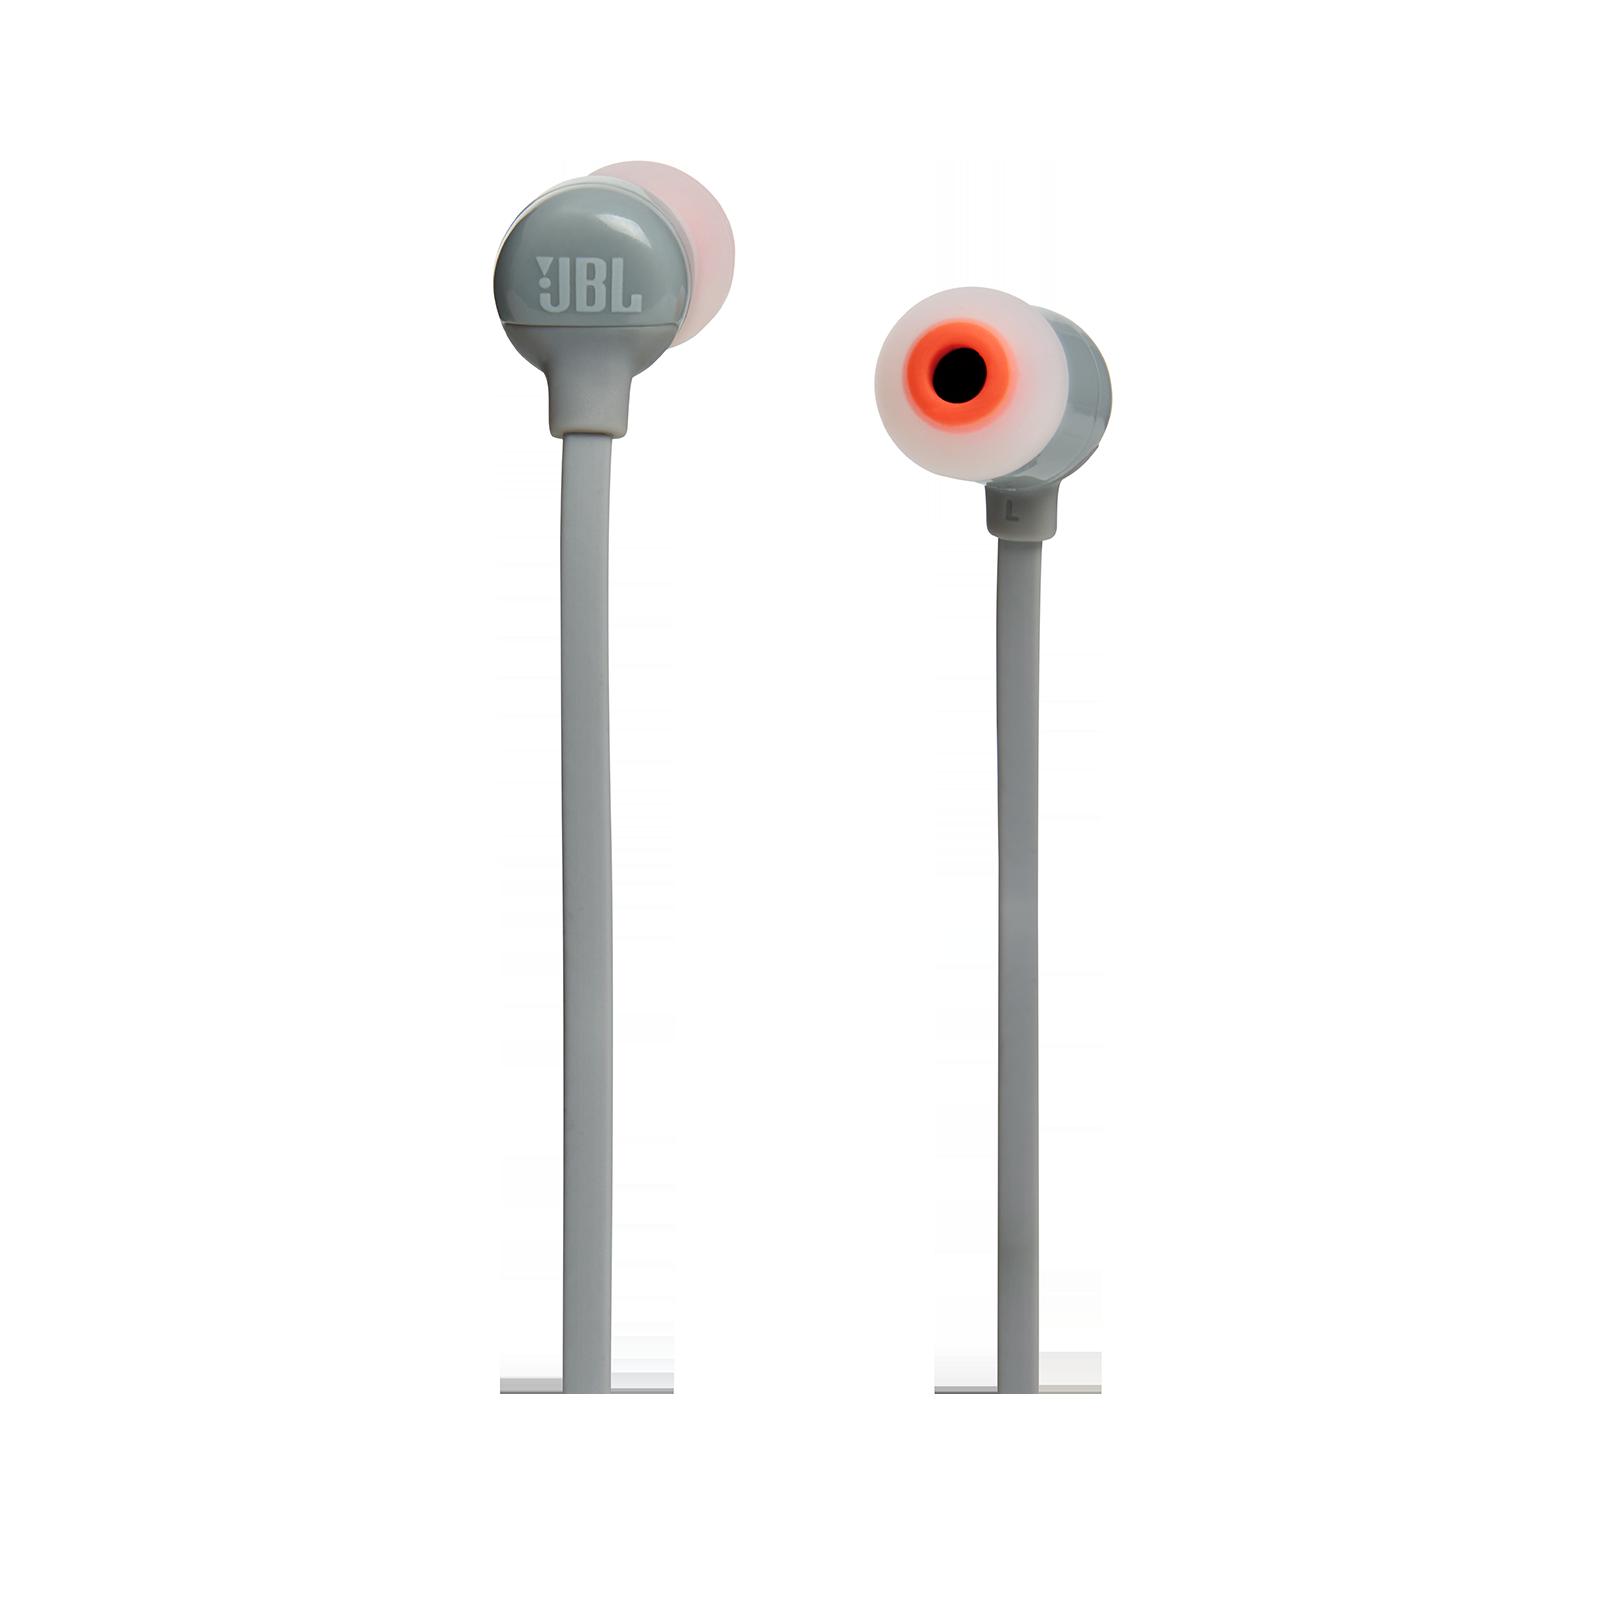 JBL TUNE 110BT - Grey - Wireless in-ear headphones - Front